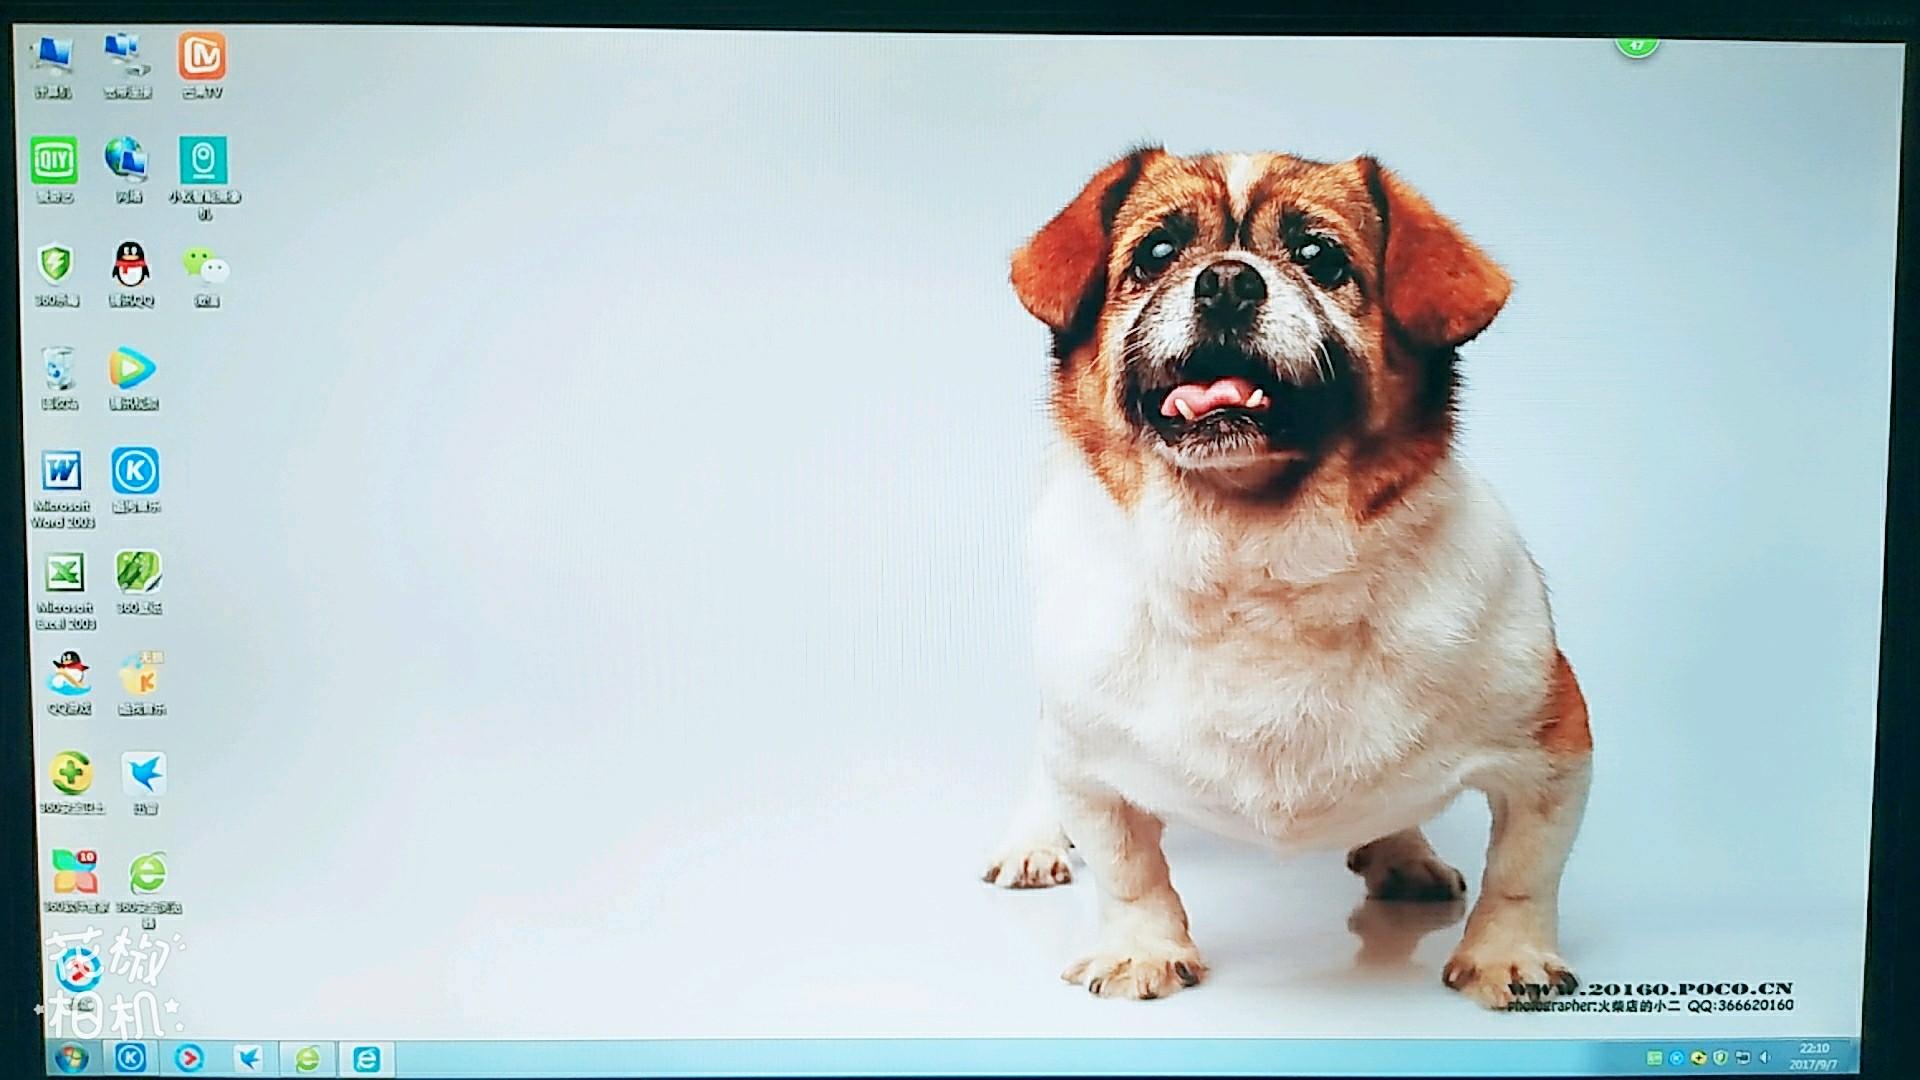 可爱萌宠小狗壁纸